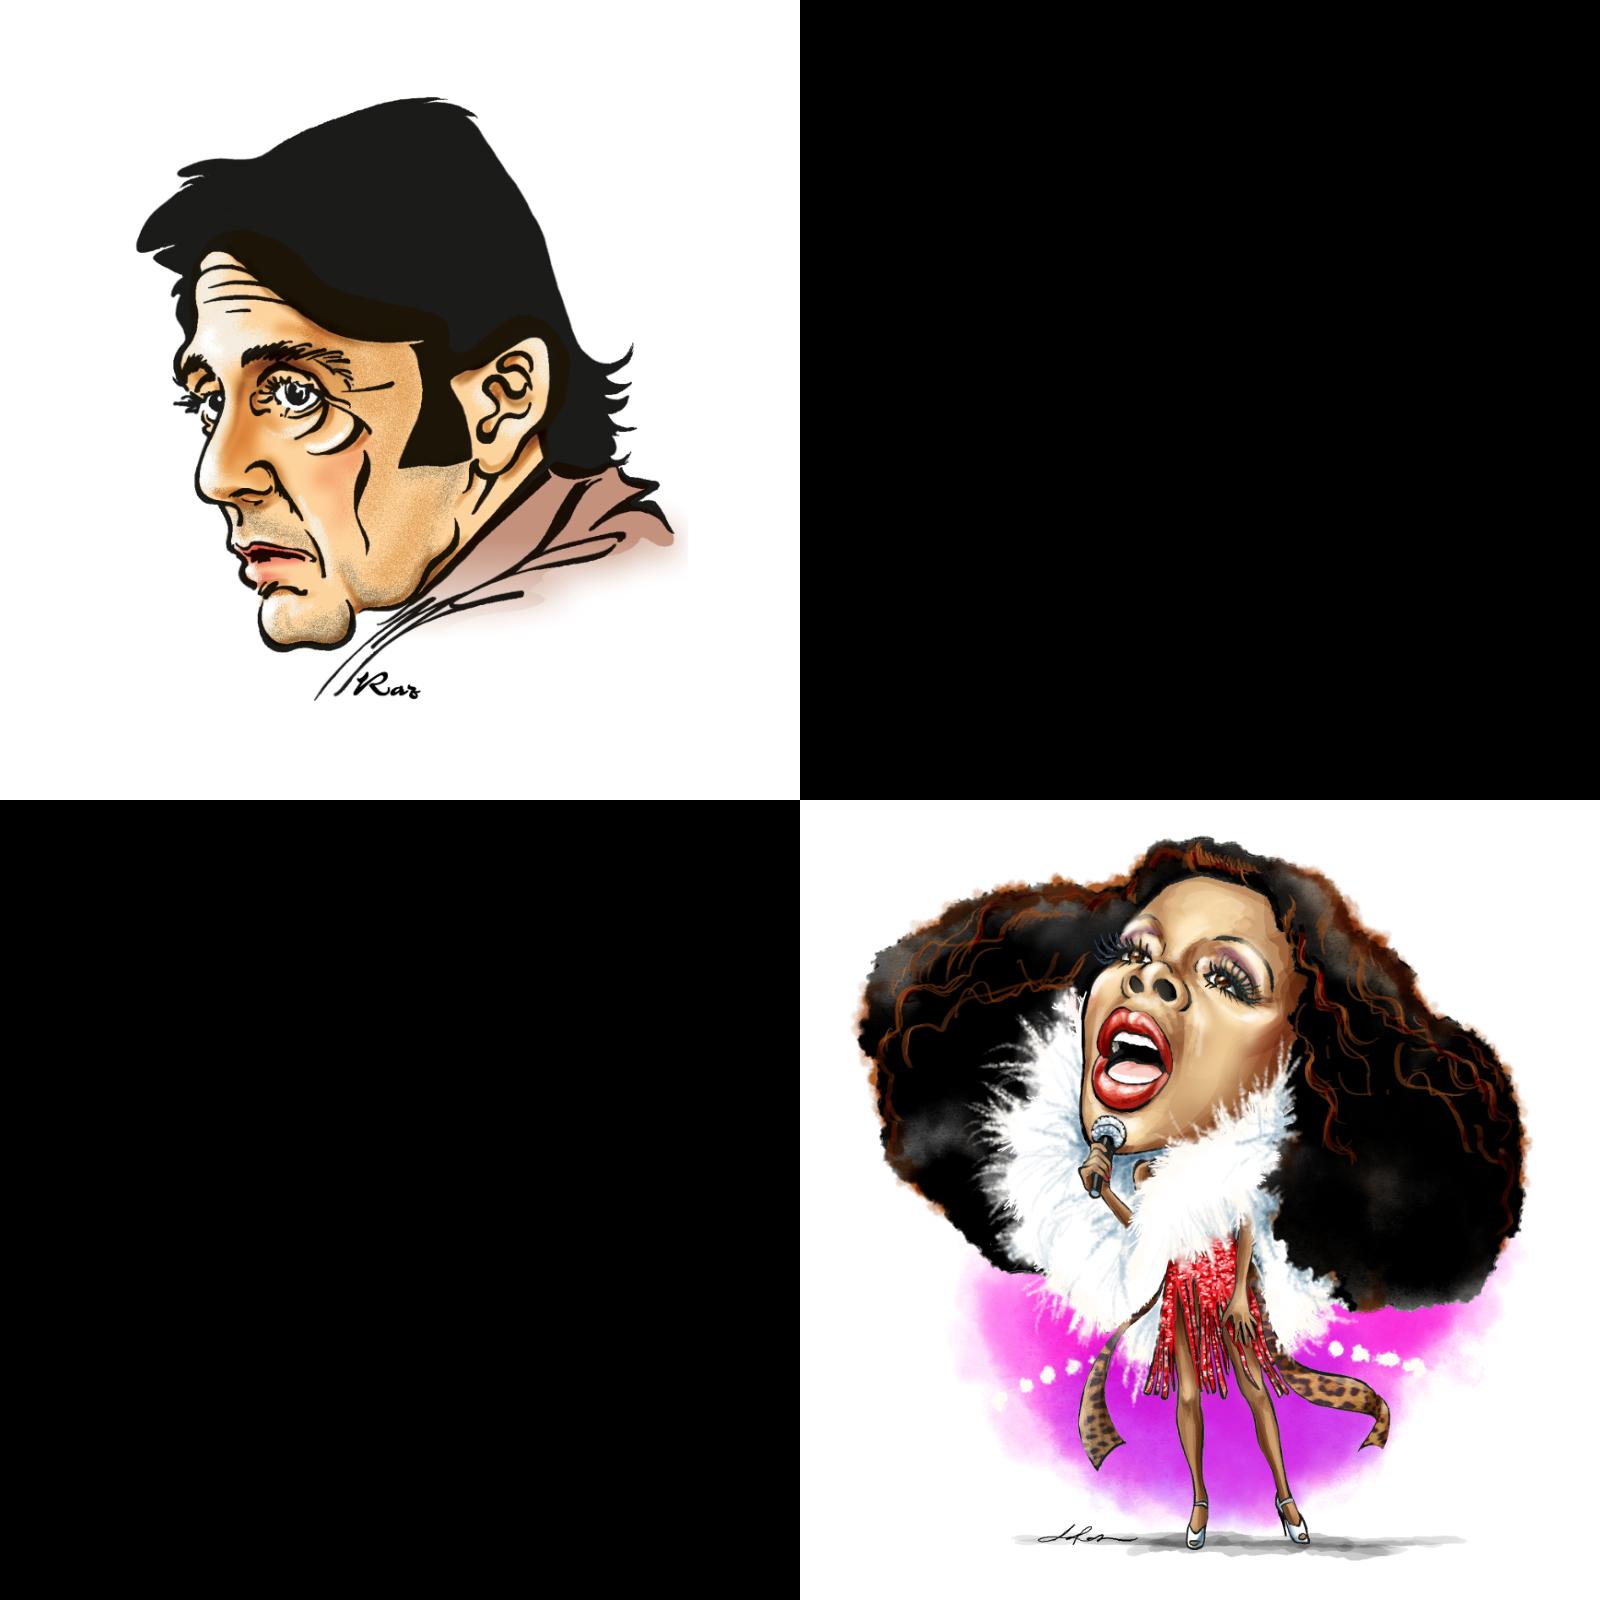 Al Pacino (1997) var första porträttet Helen Rasmusen tecknade för Expressen. Donna Summer (2020) blev det sista porträttet på tidningen.